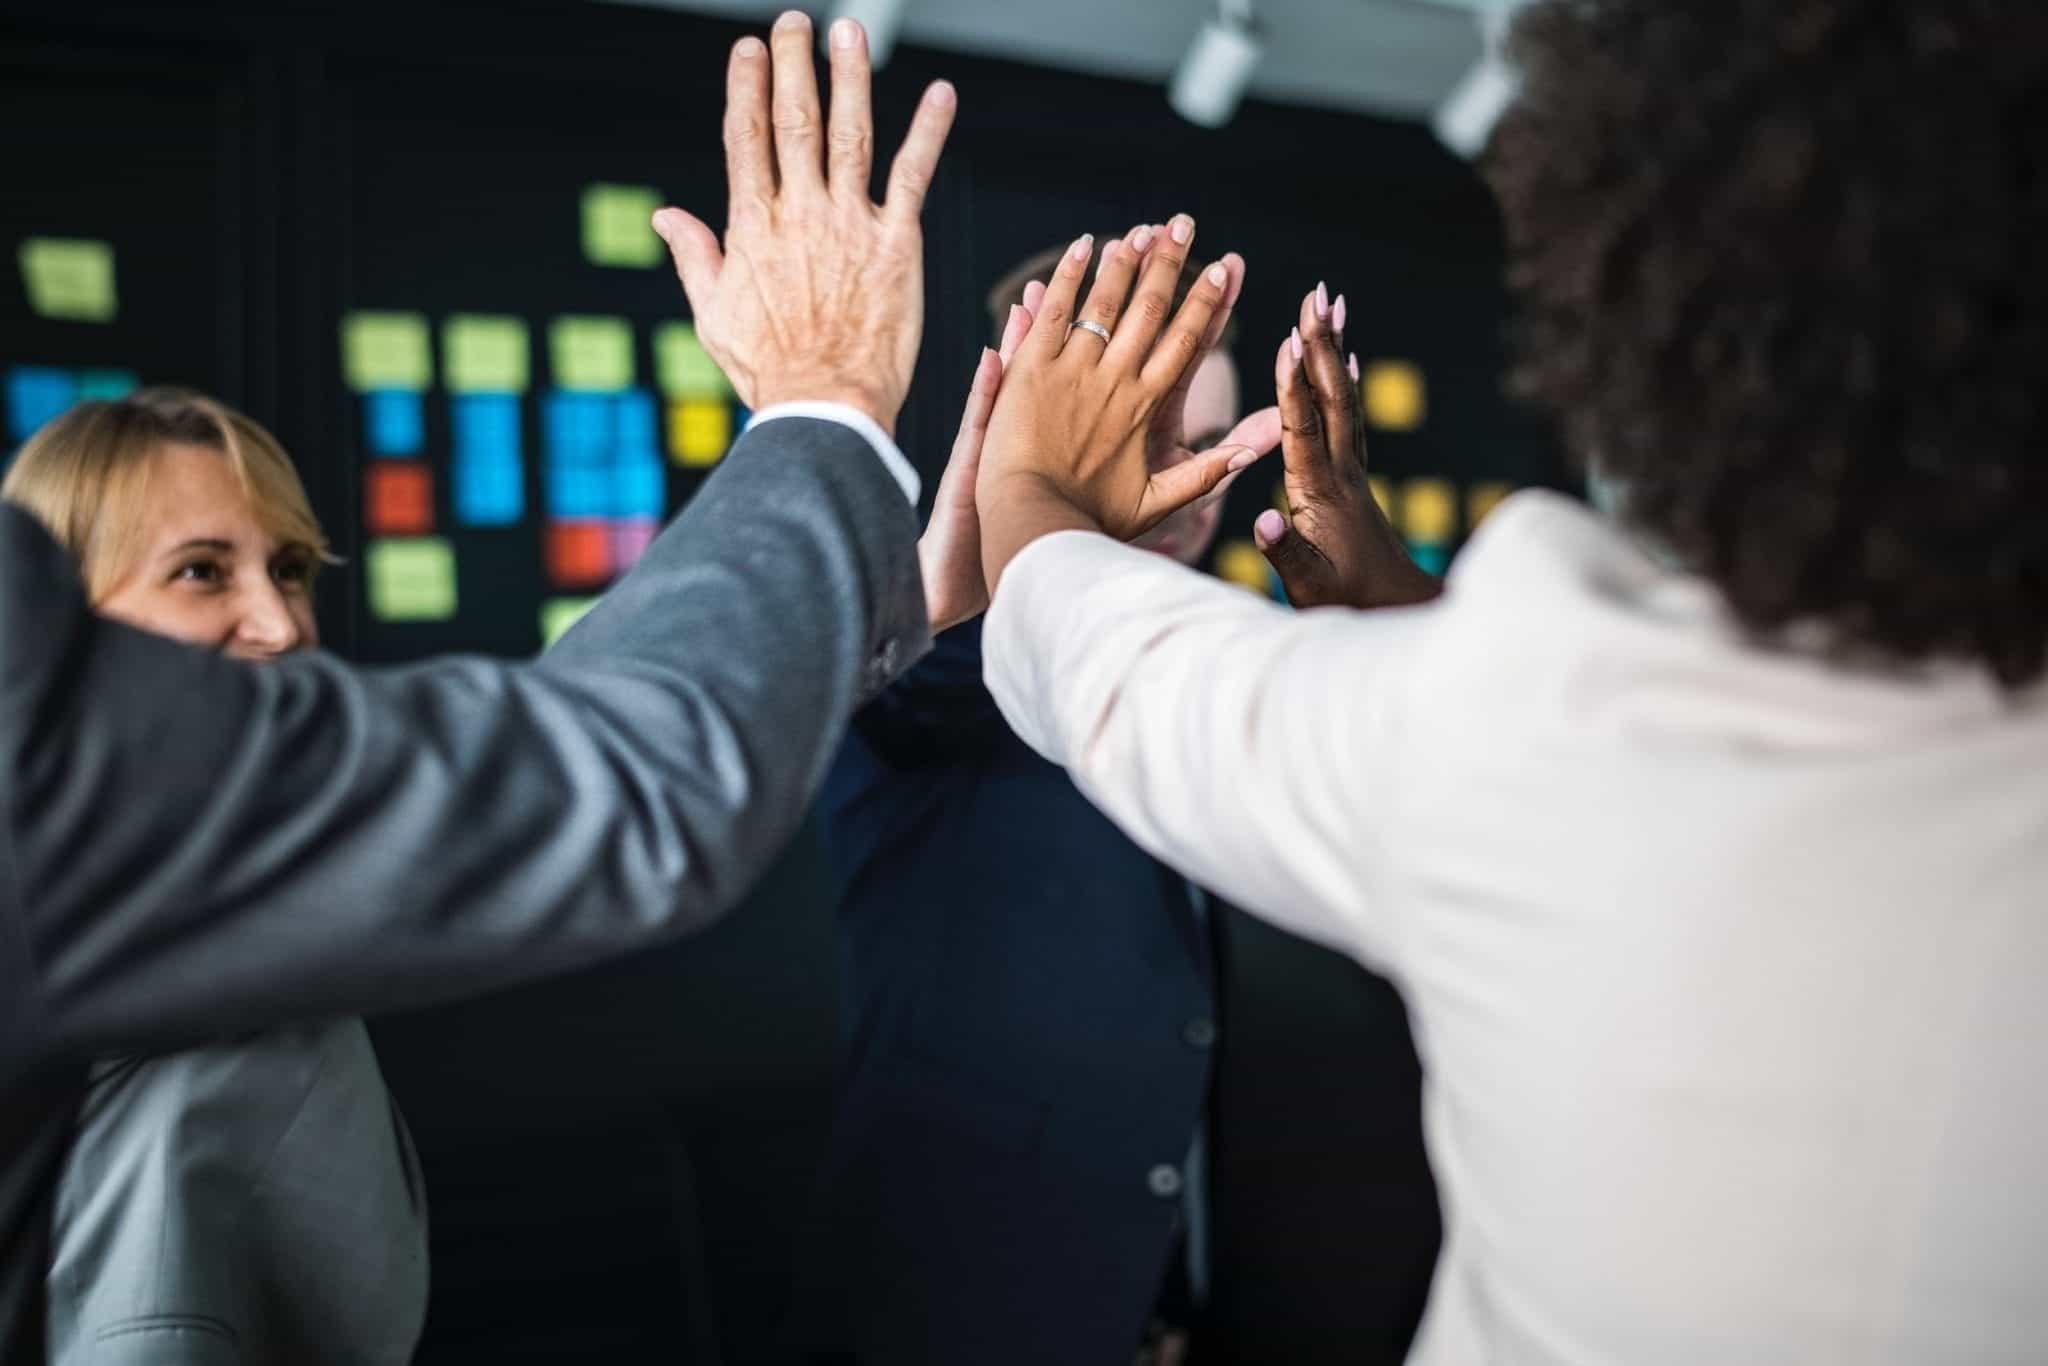 Tingkatkan Motivasi Kerja dan Semangat Karyawan dengan 5 Cara Sederhana Berikut